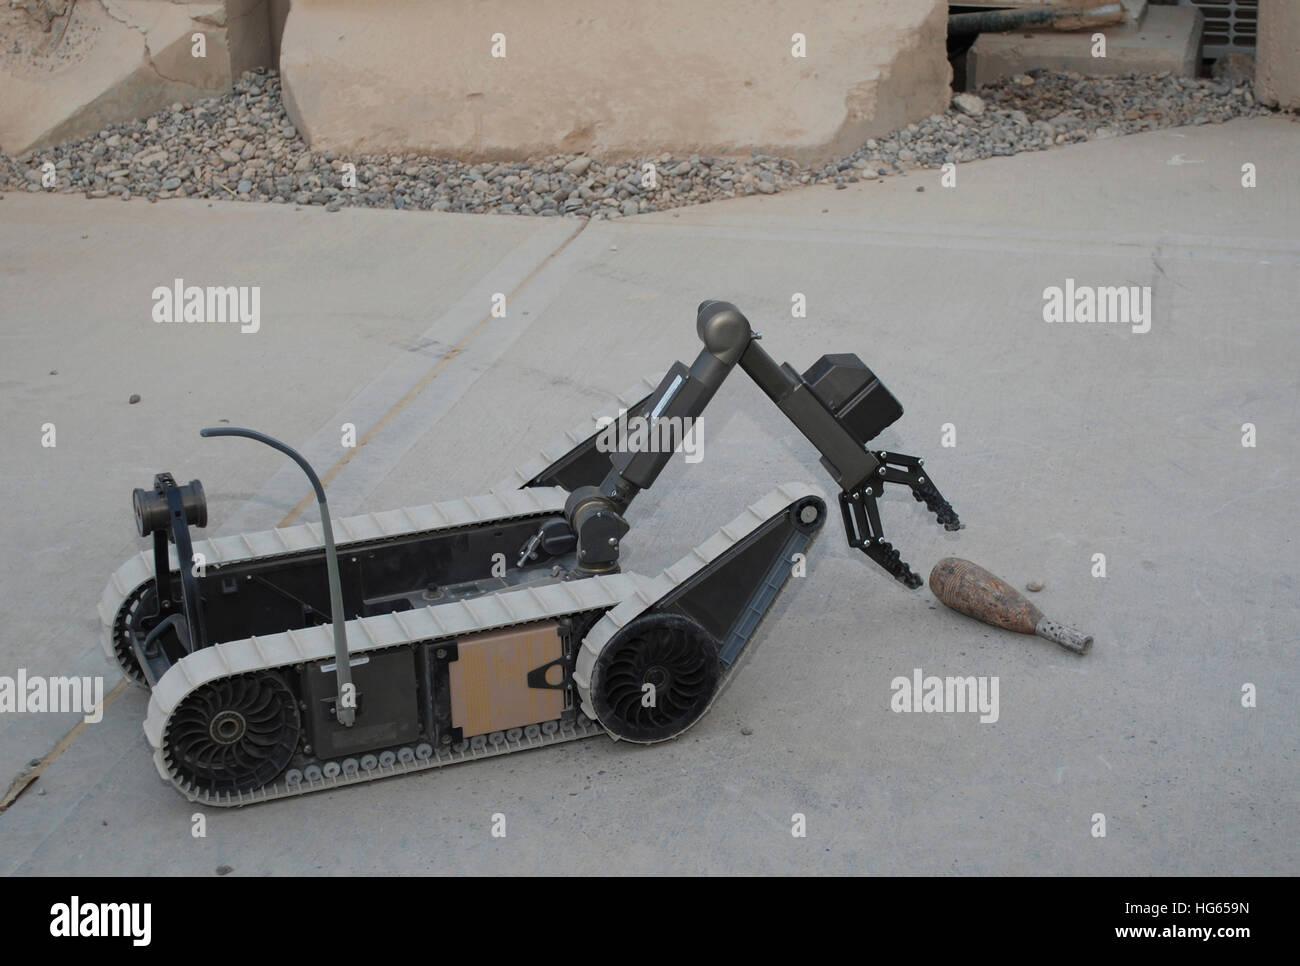 Un robot PackBot preleva un oggetto di dimostrazione a Baghdad, Iraq. Immagini Stock